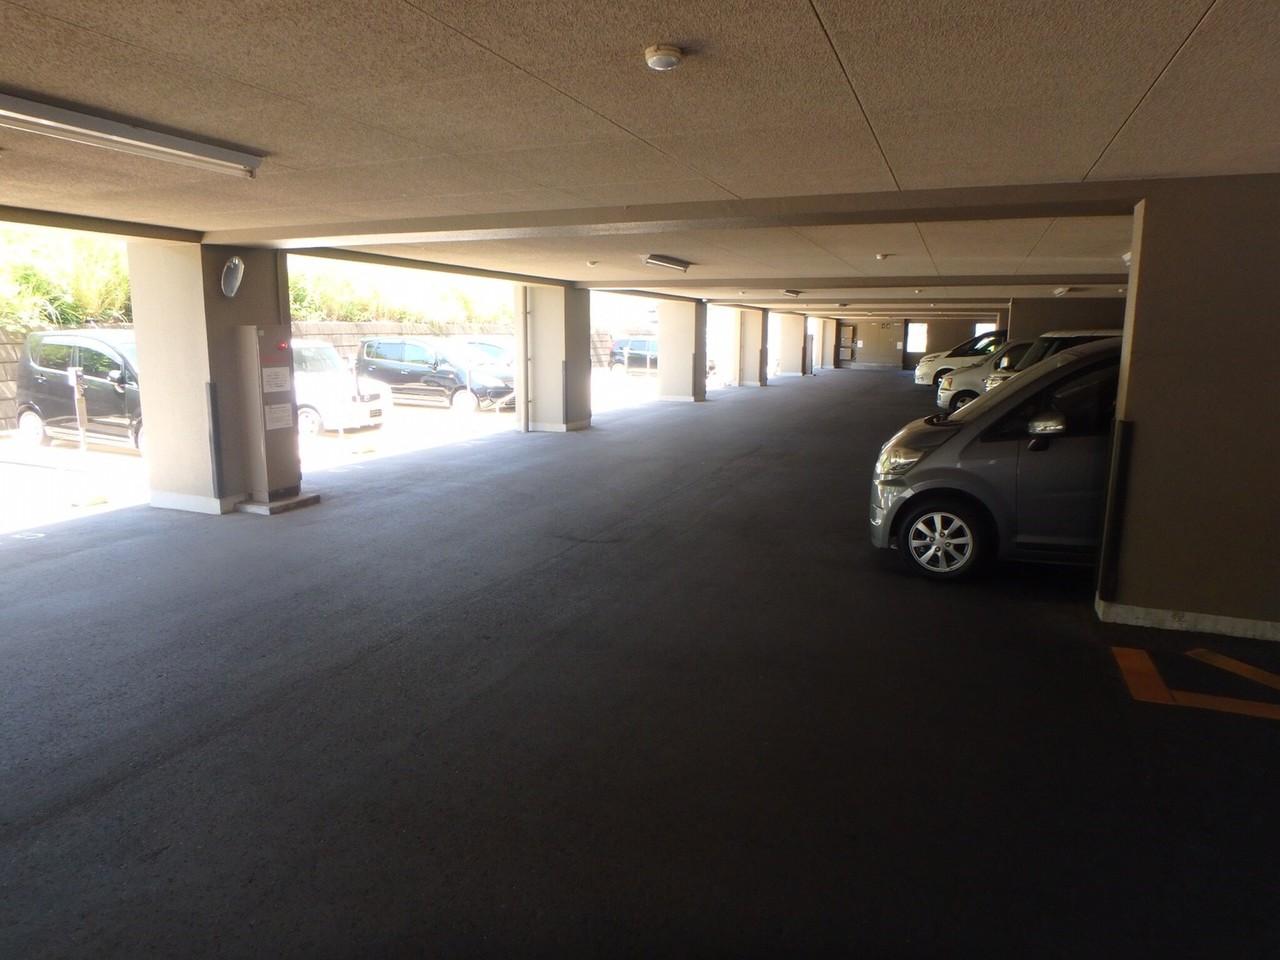 駐車場は、平面と建物の一階部分にもあります。